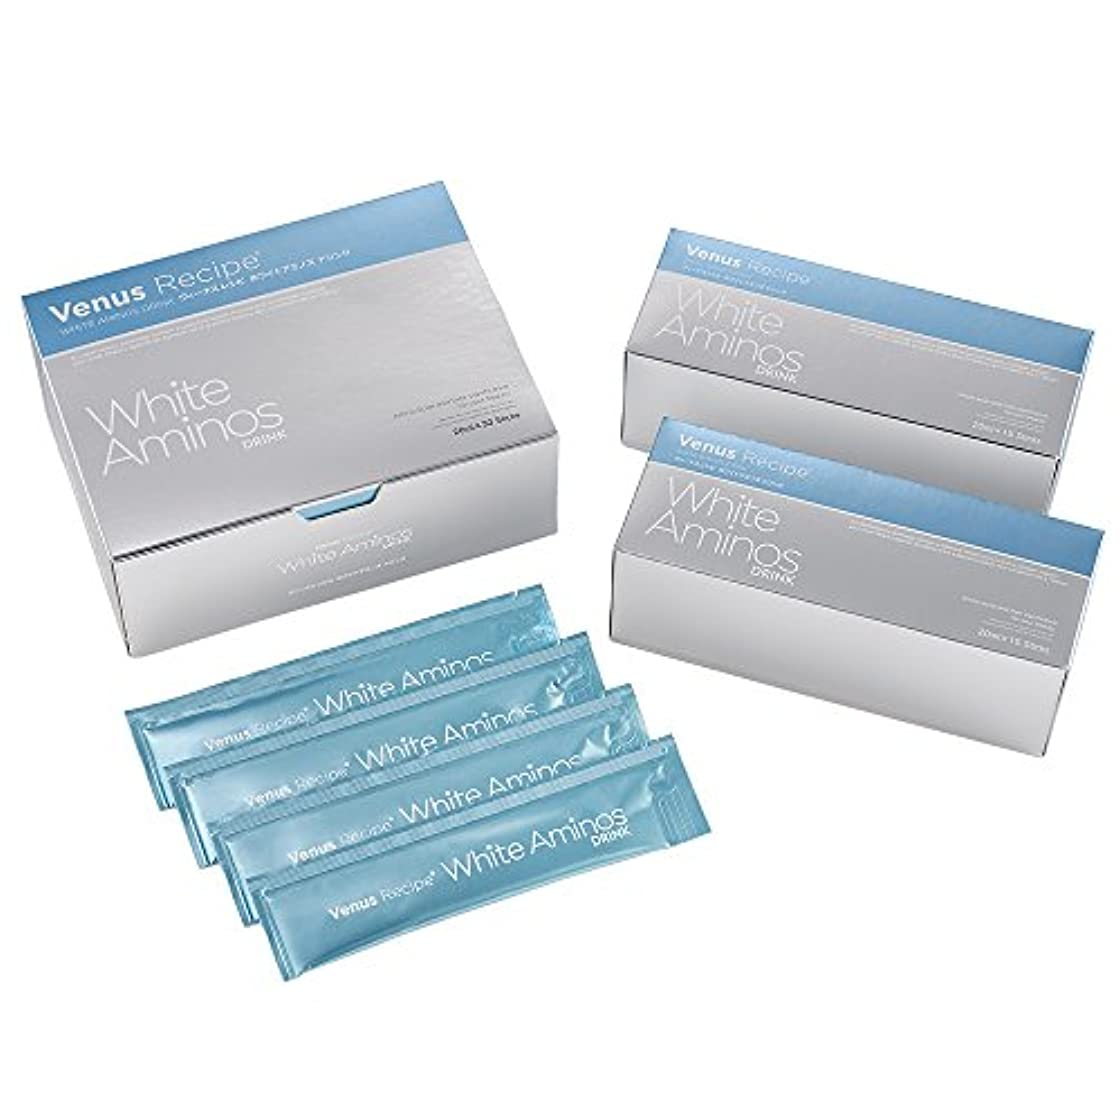 のりヒントアクシージア (AXXZIA) ヴィーナスレシピ ホワイトアミノズ ドリンク 600mL(20mL×15包)| 美容ドリンク アミノ酸